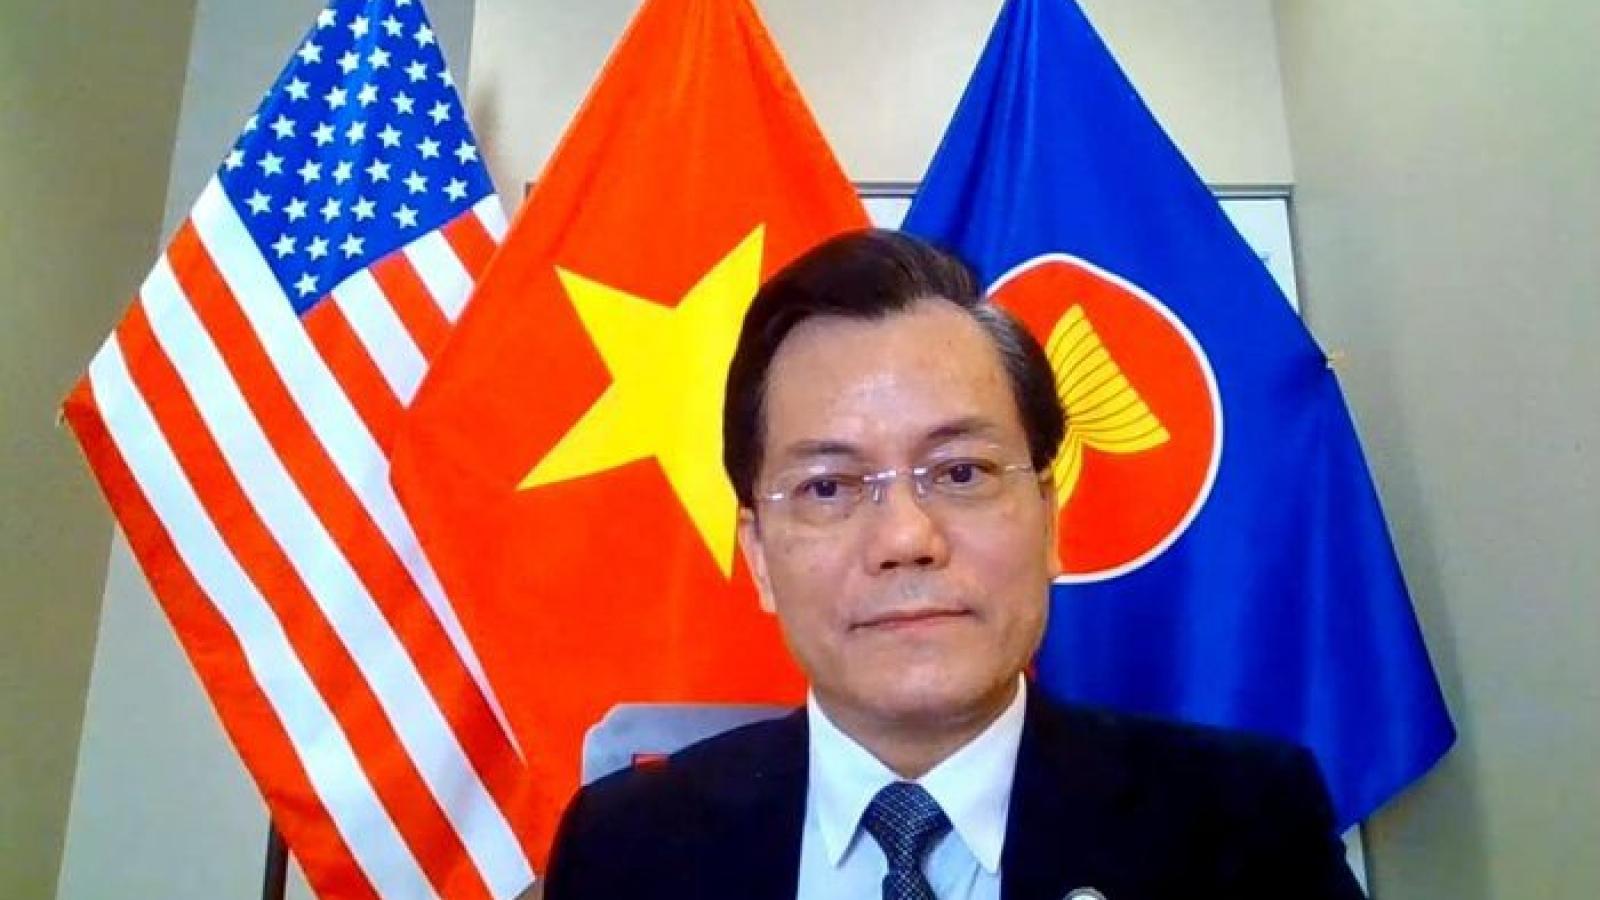 Đại sứ Hà Kim Ngọc điện đàm với Hạ nghị sỹ Mỹ Joaquin Castro về quan hệ Việt-Mỹ